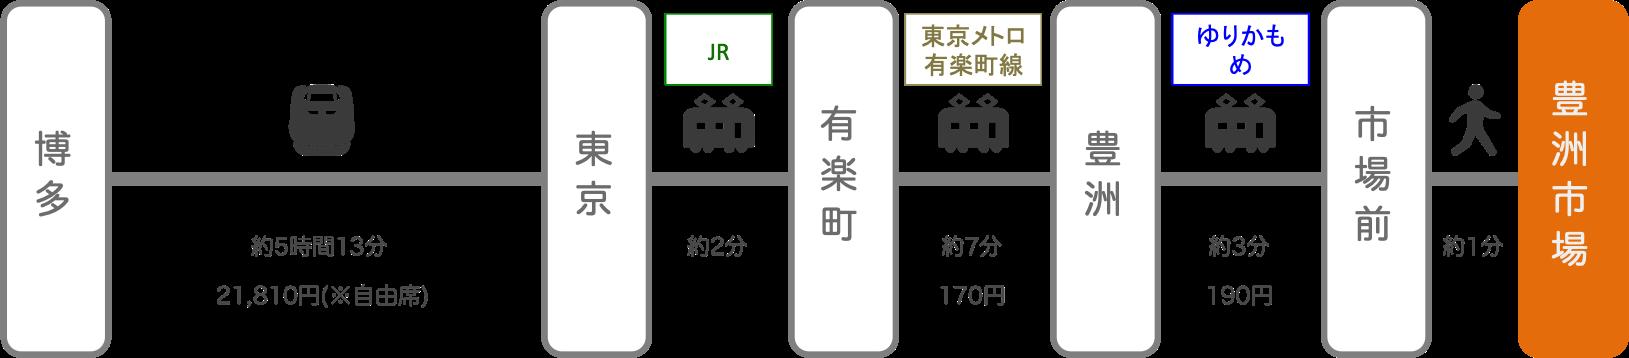 豊洲市場_博多(福岡)_新幹線